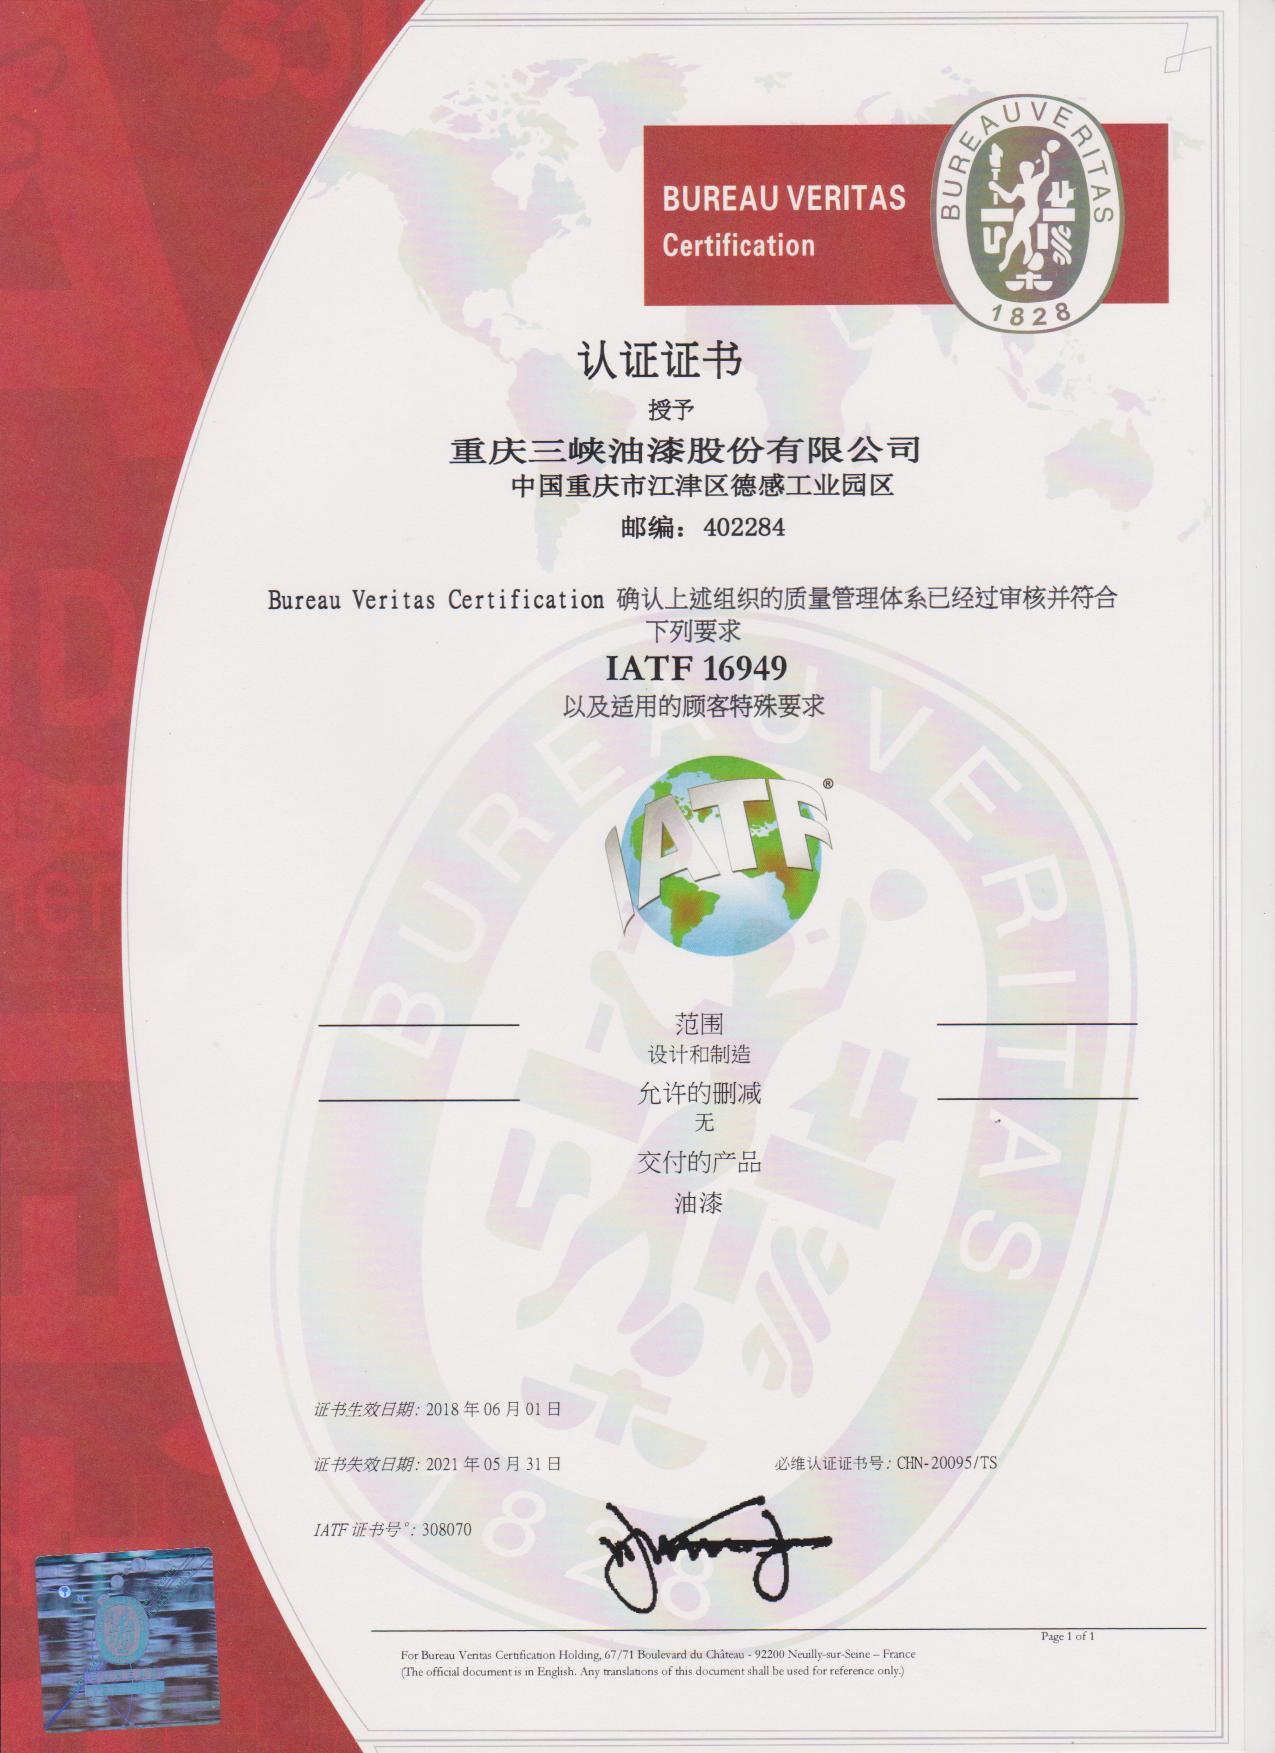 16949认证证书